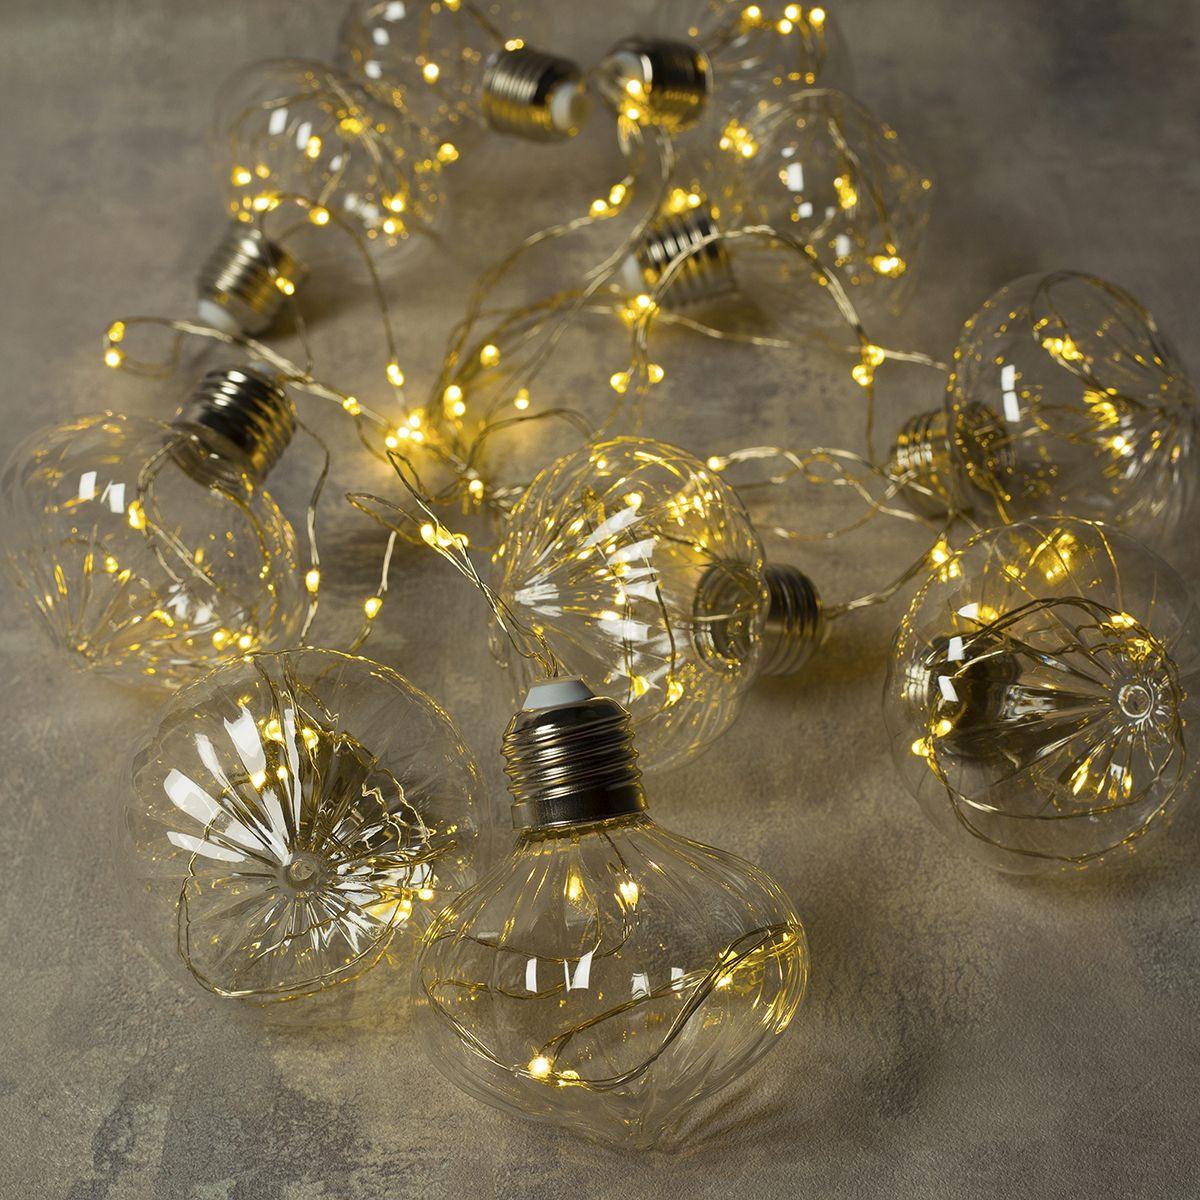 Электрическая гирлянда Luazon Lighting Светодиодная 100 ламп, 4.5 м  #1